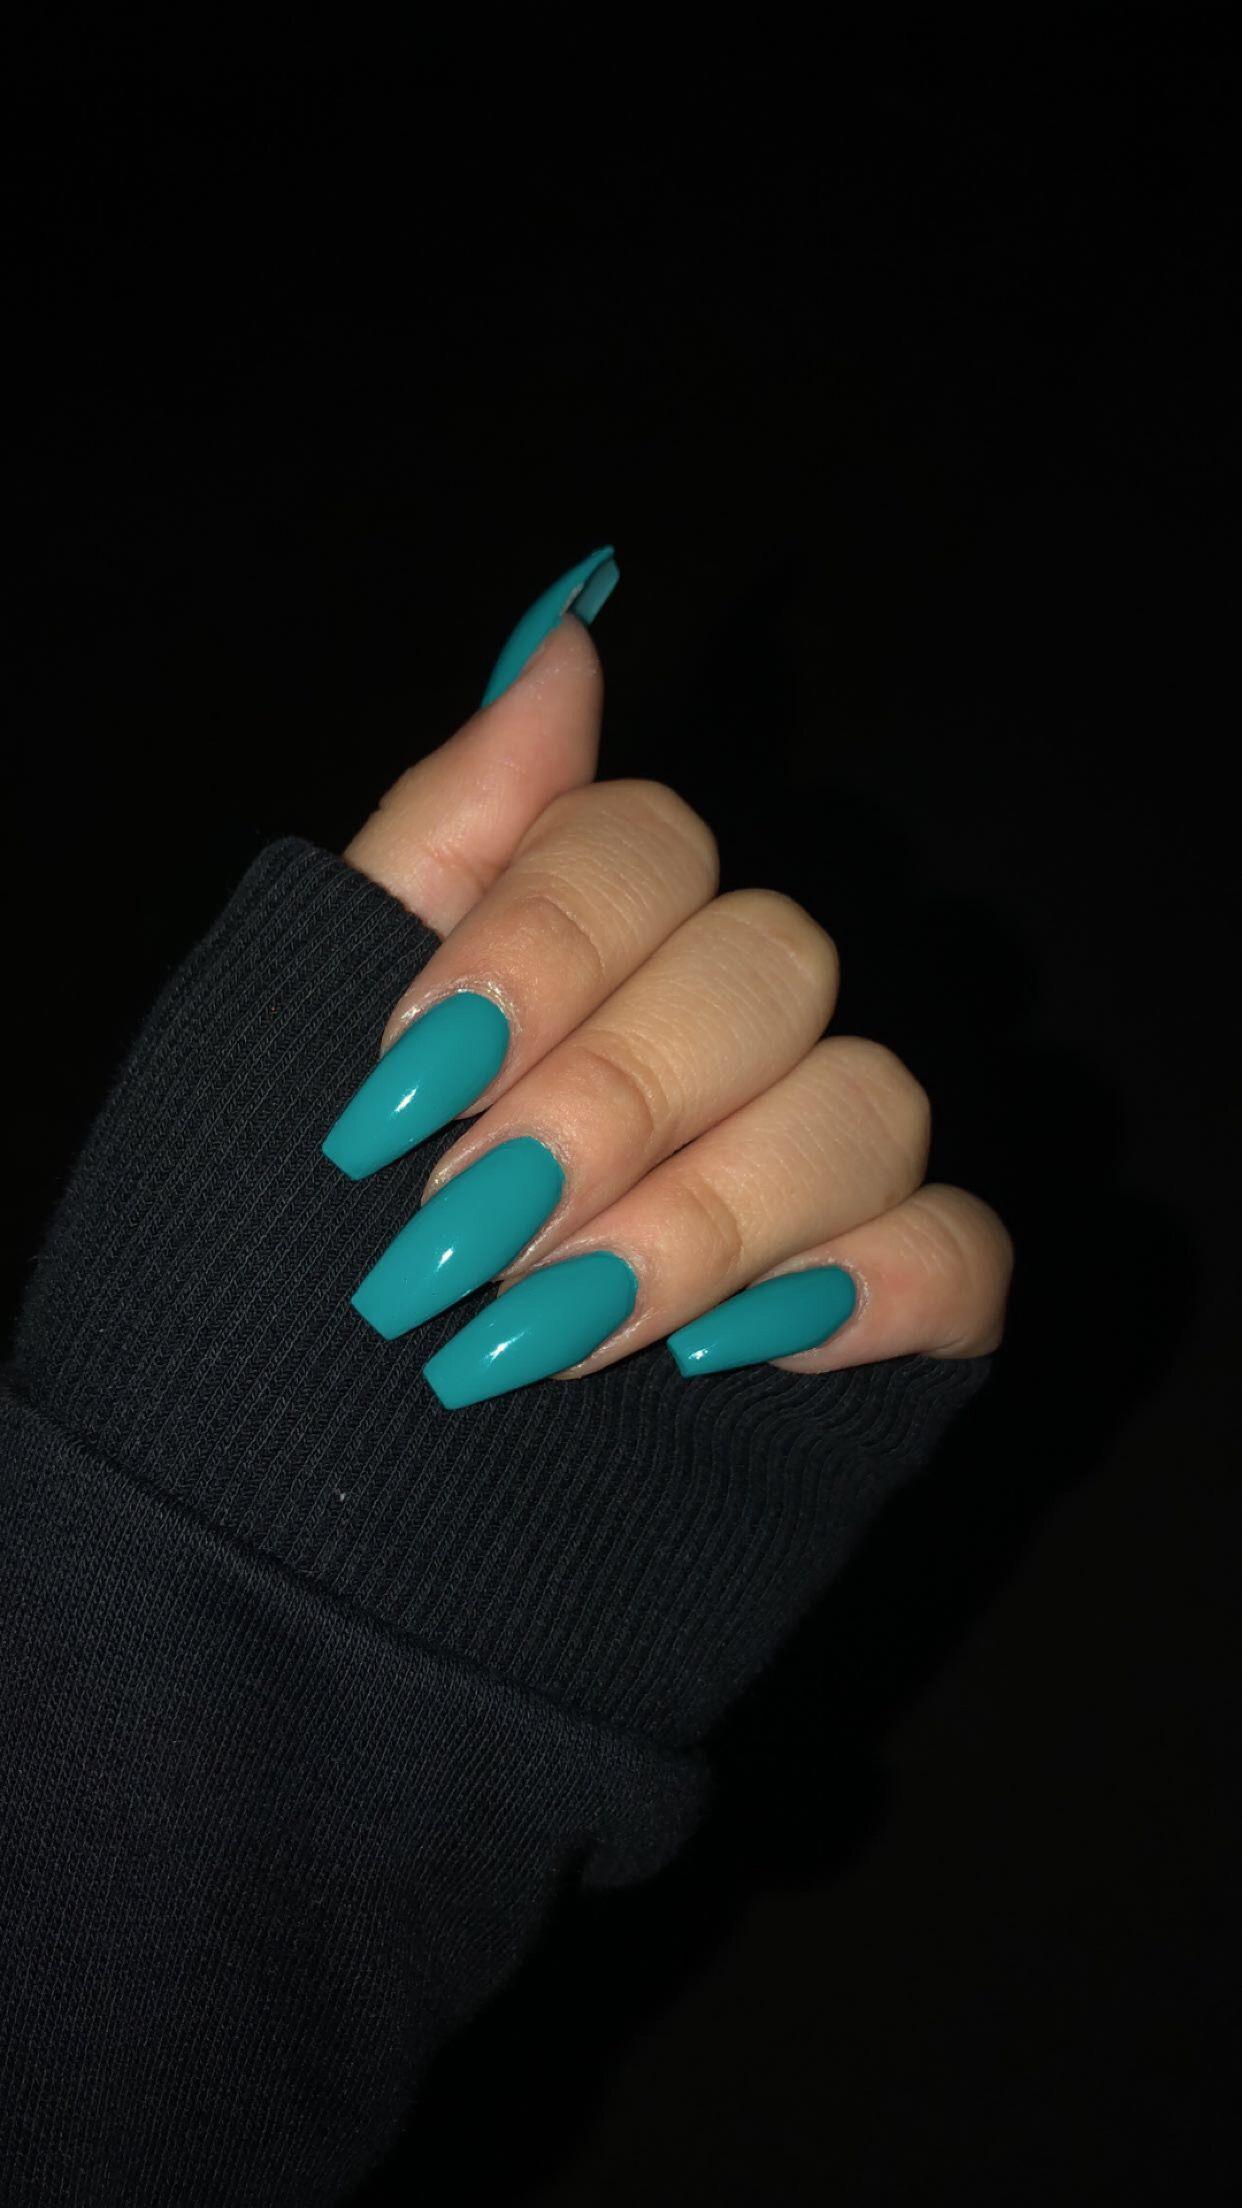 Aqua Blue Nails Blue Nails Teal Nails